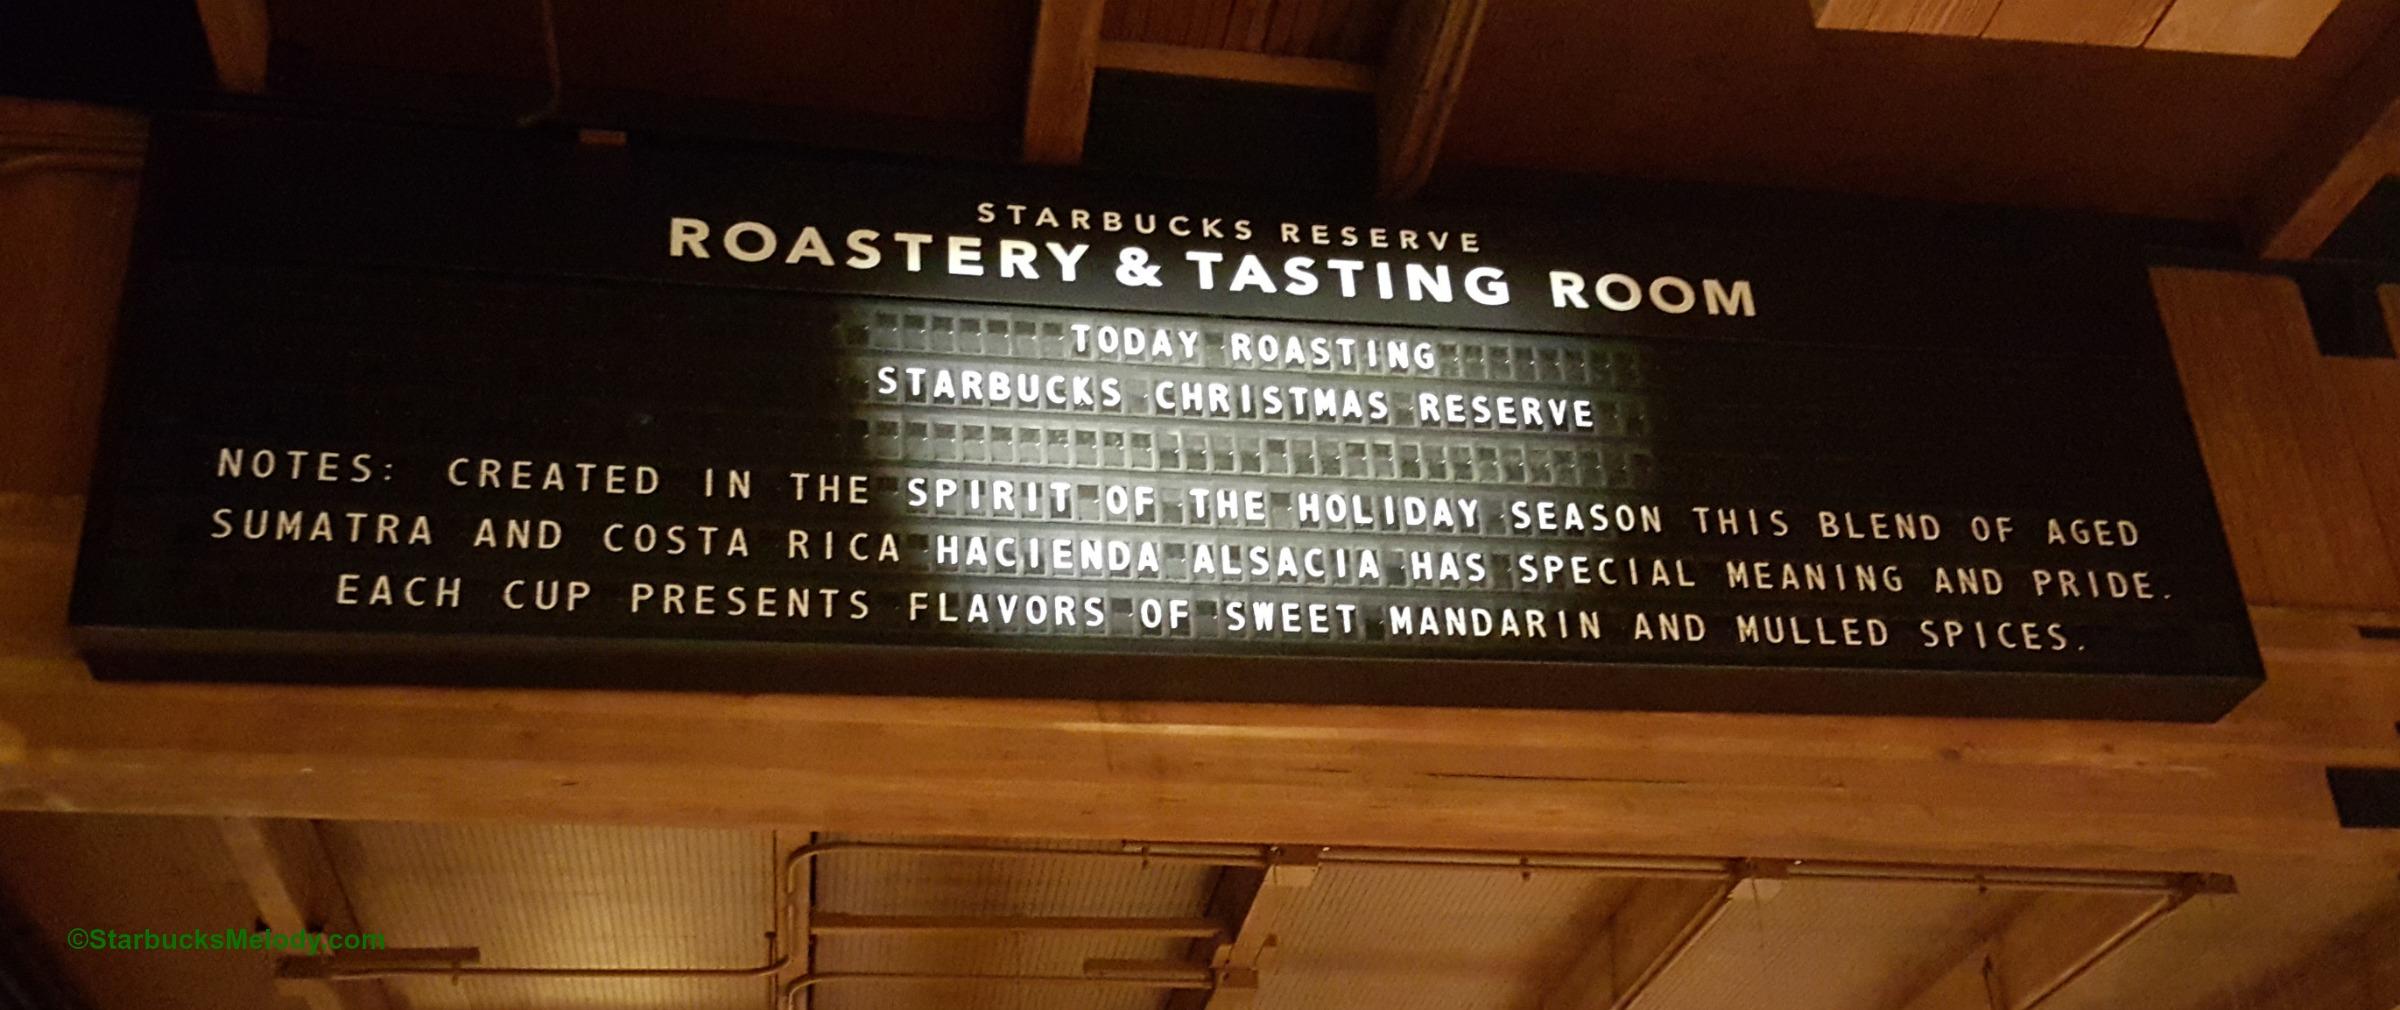 2-1-20151121_0636371-sign-for-Starbucks-Christmas-Reserve.jpg